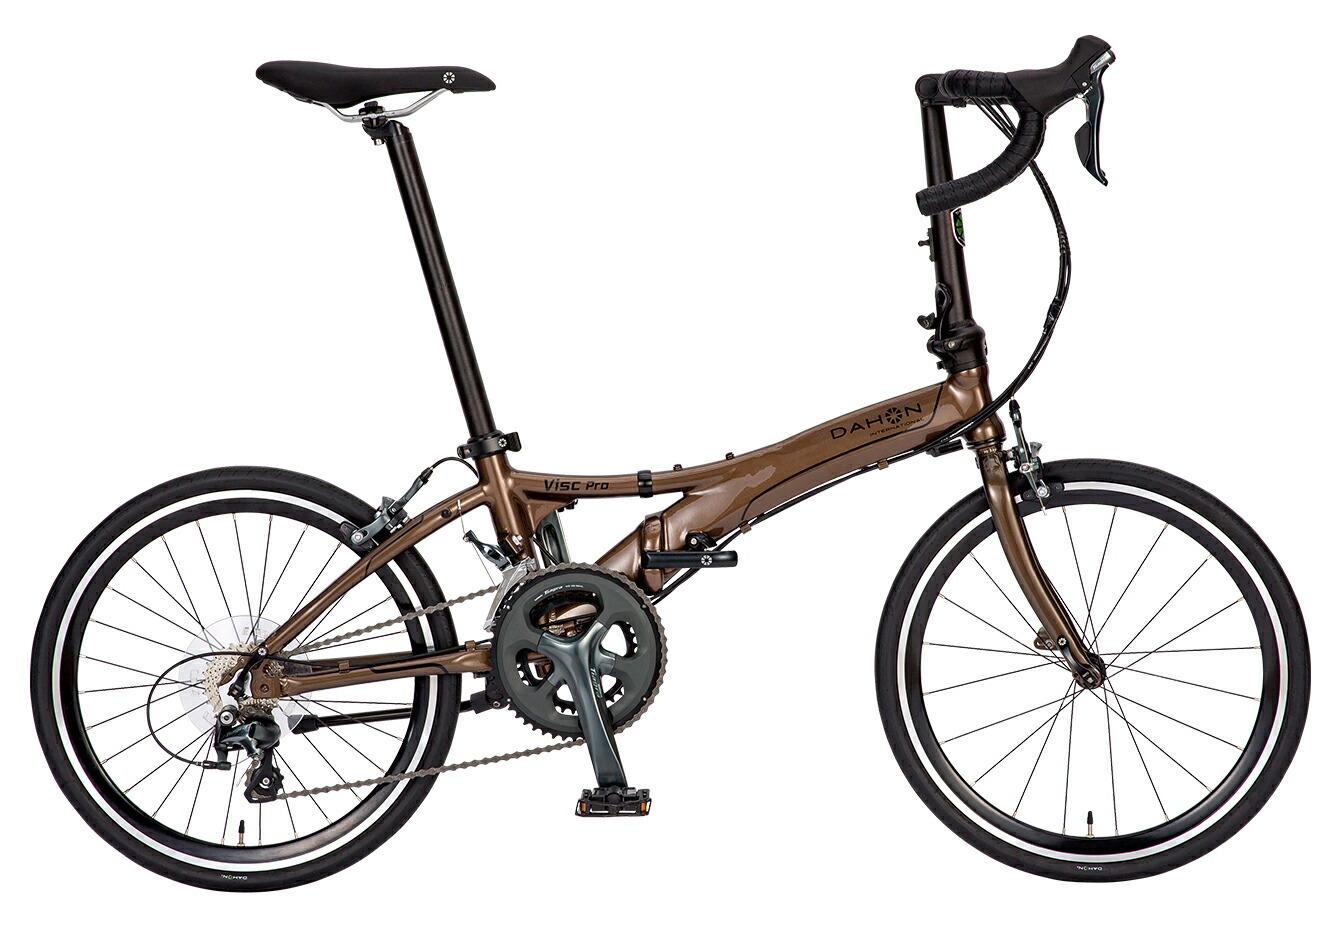 折りたたみ自転車 Visc Pro ダホン 自転車 20インチ 折りたたみ 20段変速ギア ヴィスク プロ Royal Brown ロイヤルブラウン ギア付 通販 おしゃれ